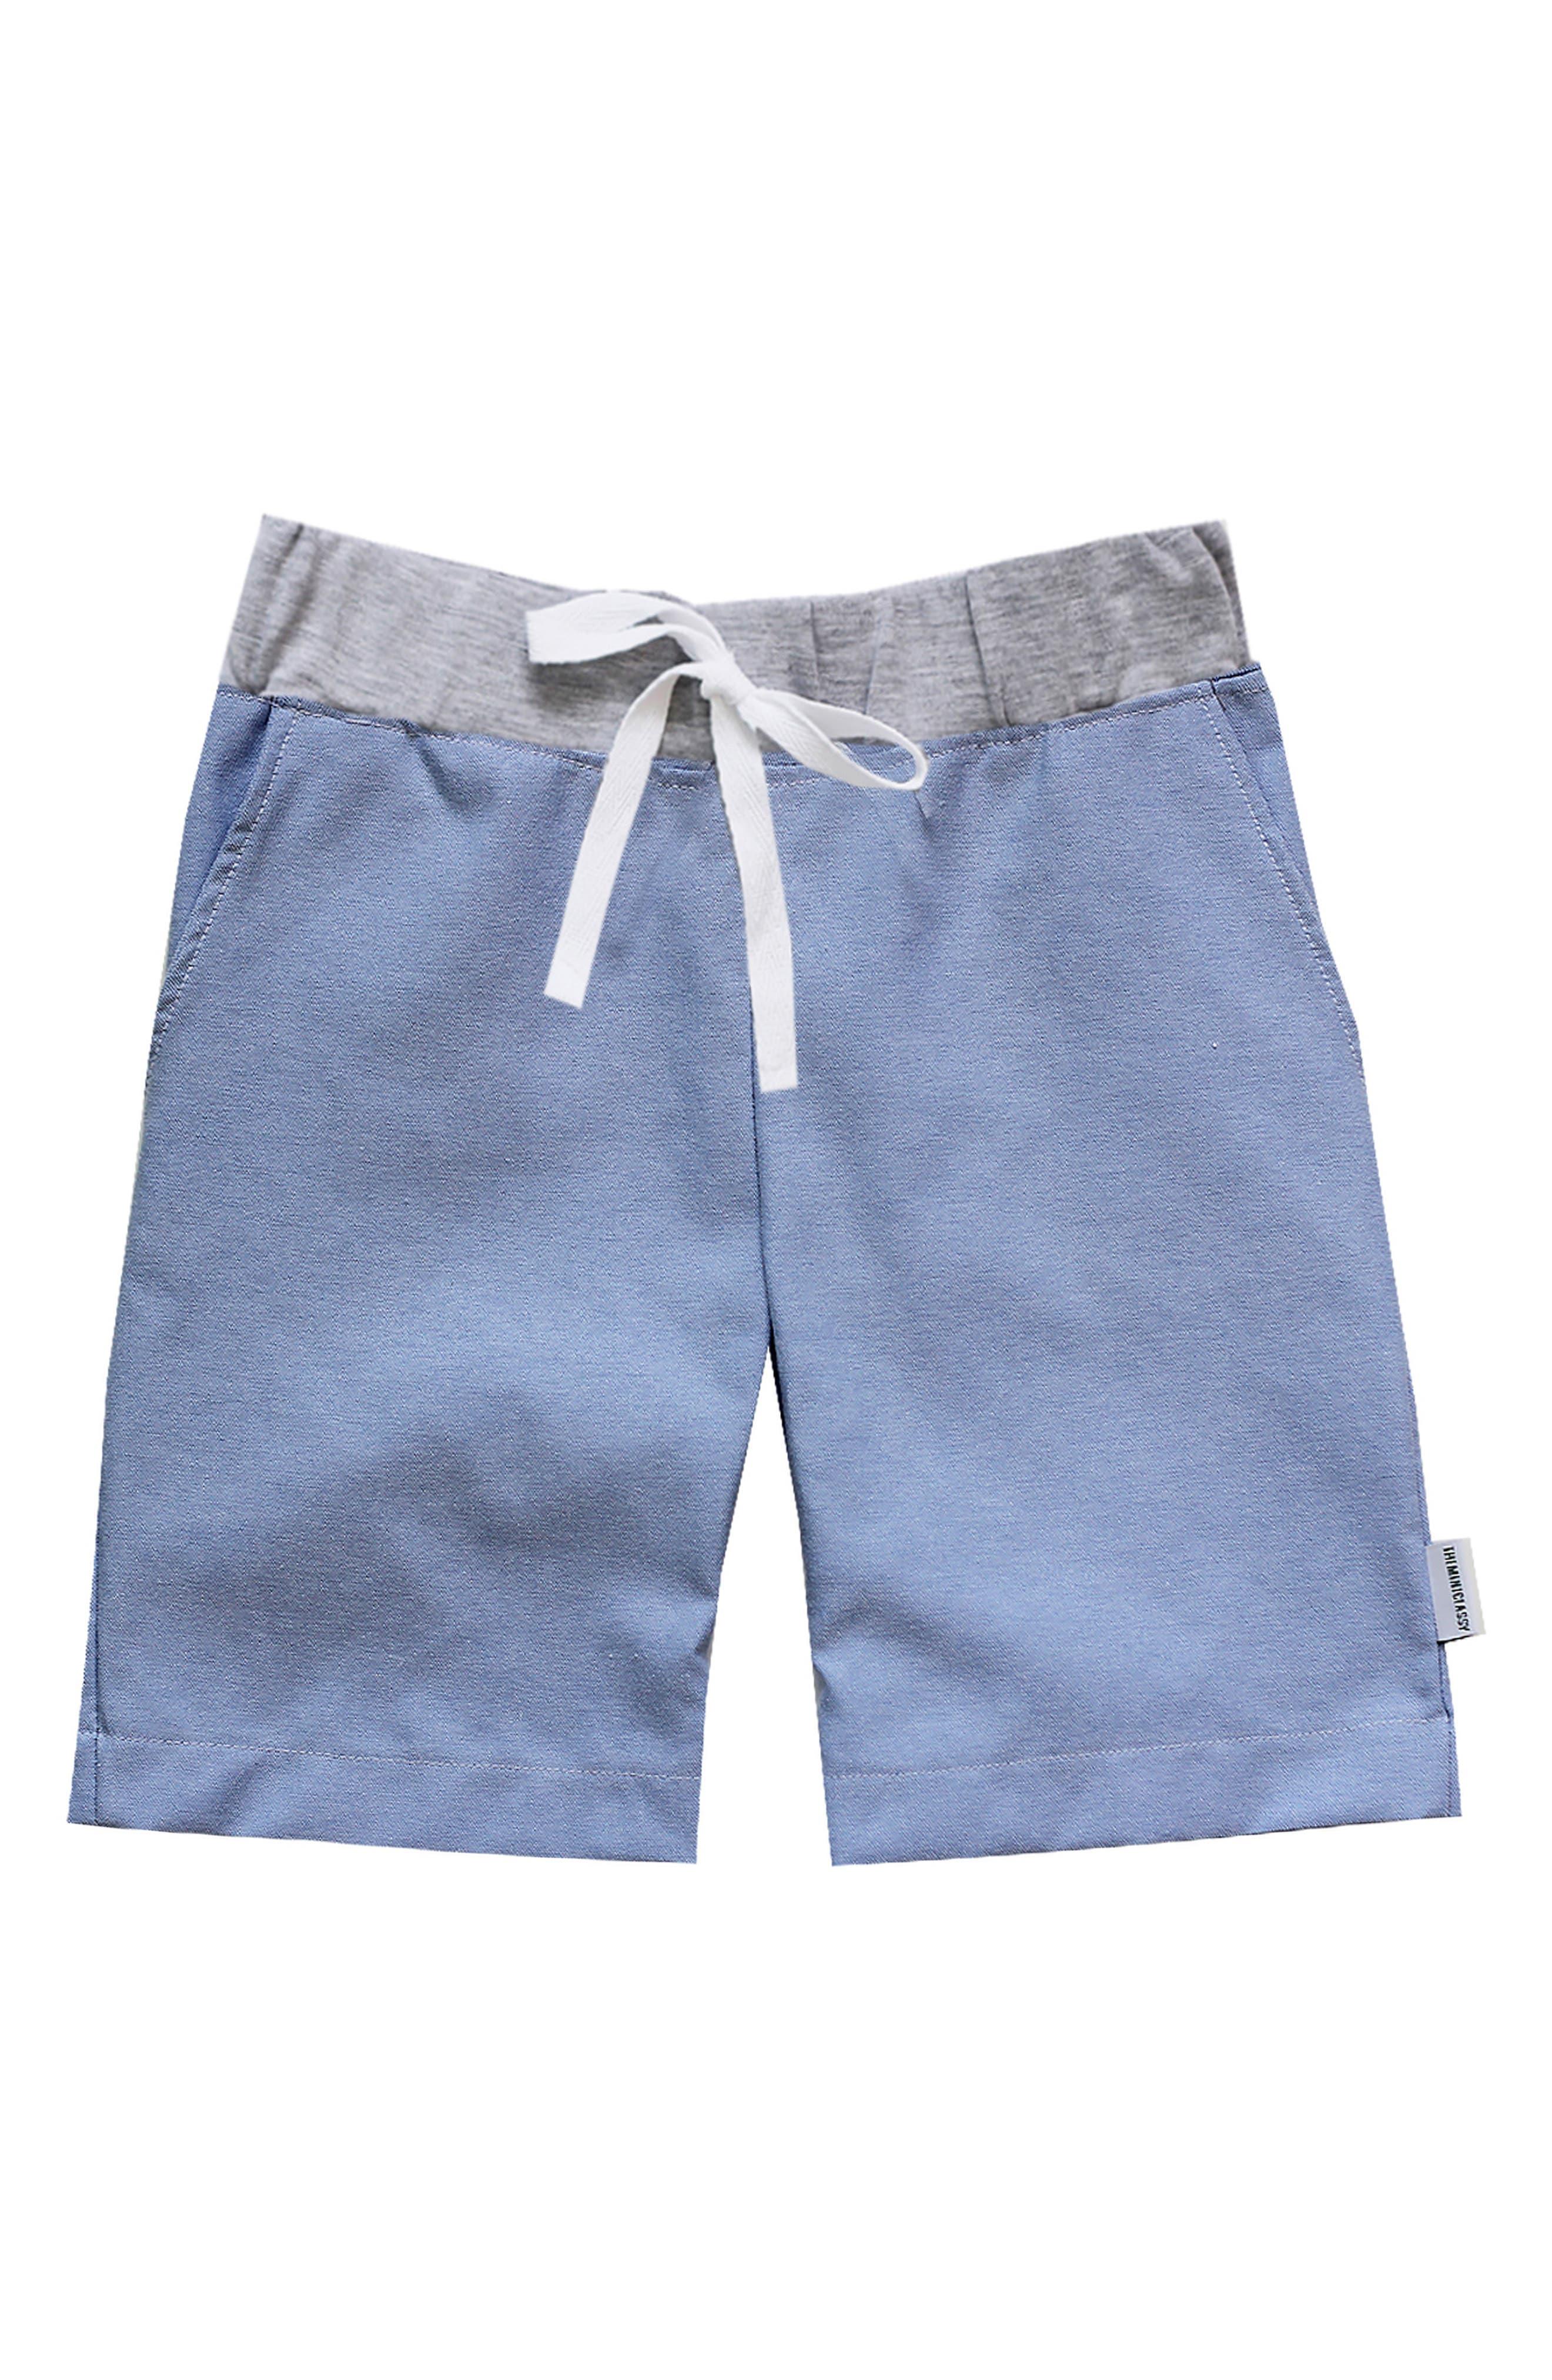 Chambray Drawstring Shorts,                             Alternate thumbnail 2, color,                             450